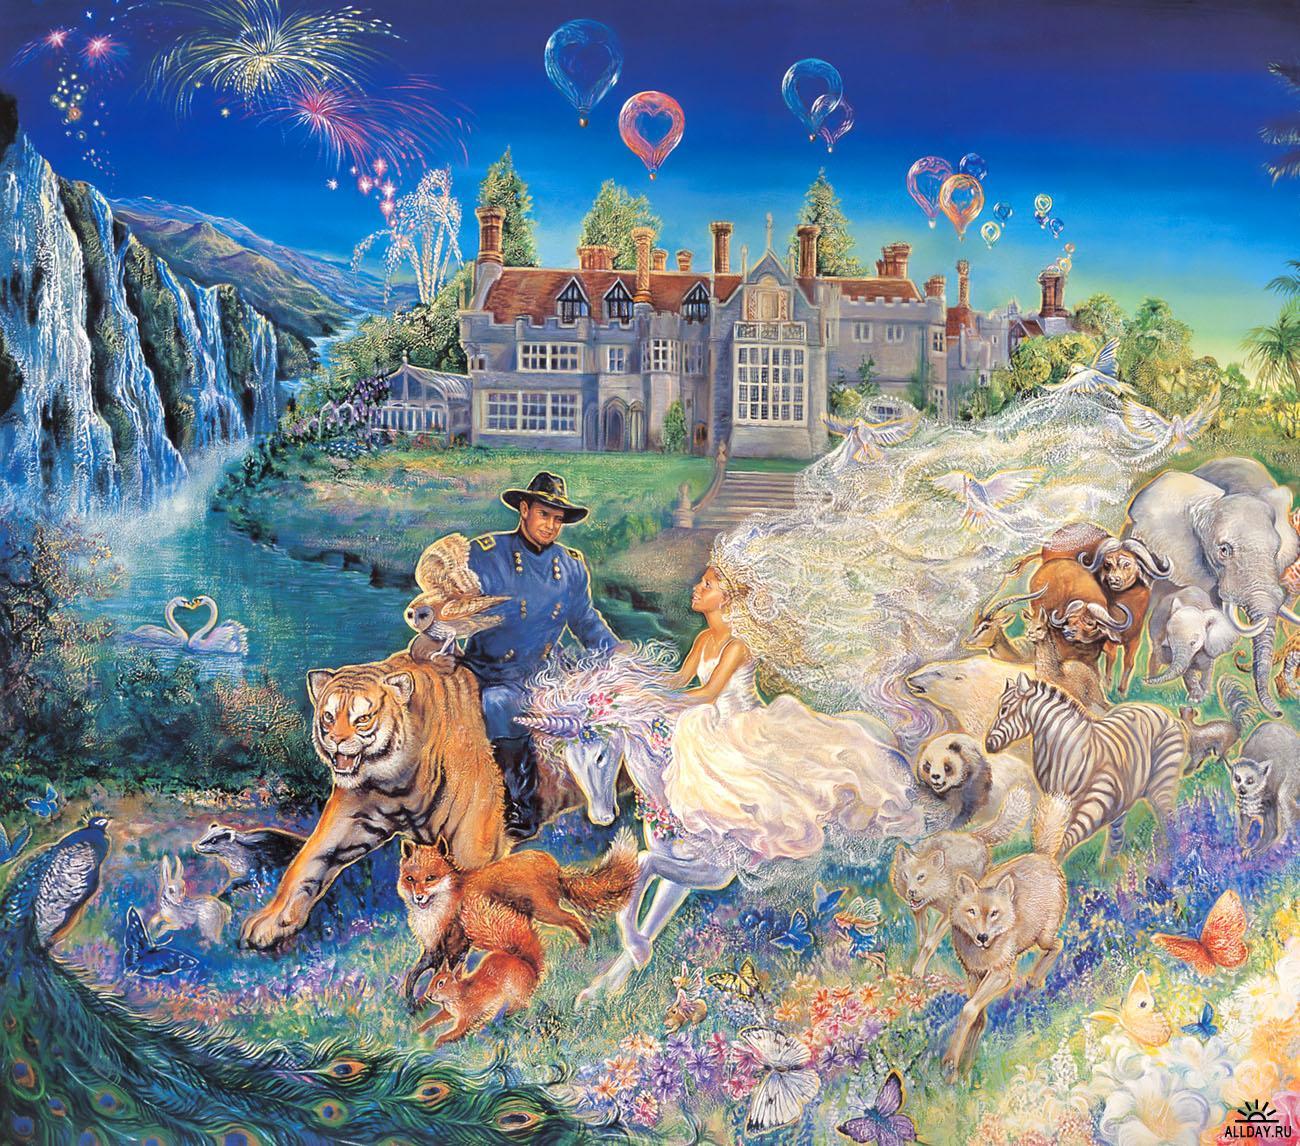 Картинки для сказочных сюжетов